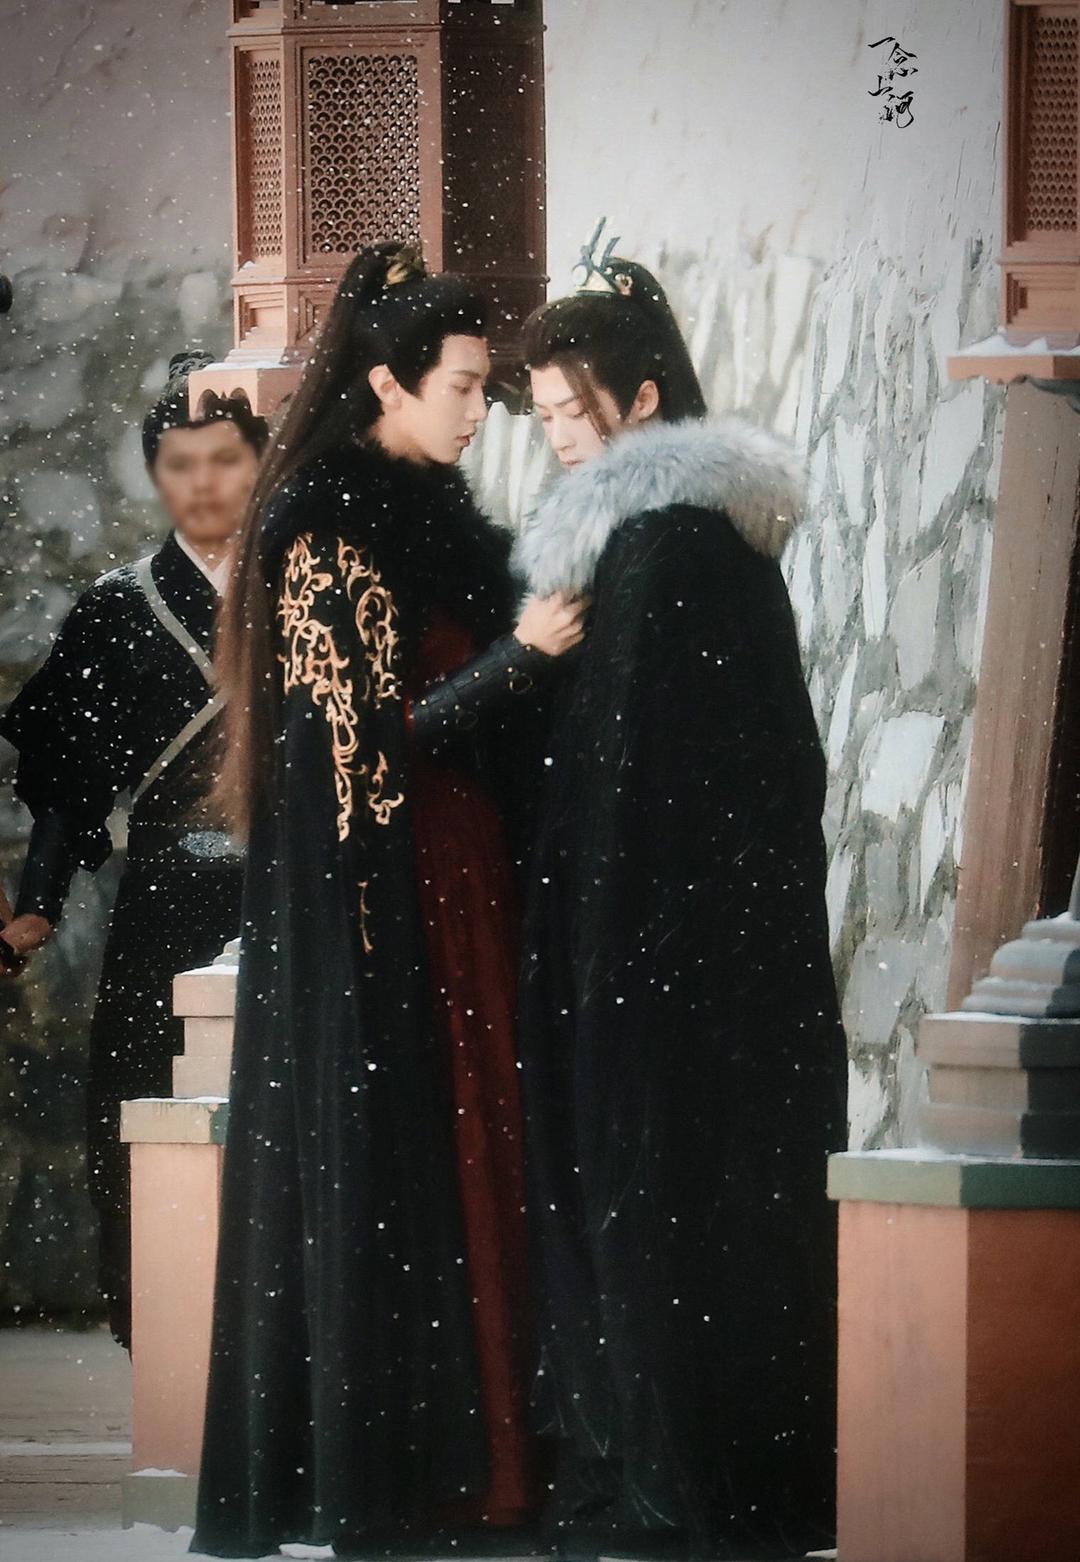 瓦达瓦达!《杀破狼》路透新鲜出炉!图片中是檀健次和陈哲远的雪景